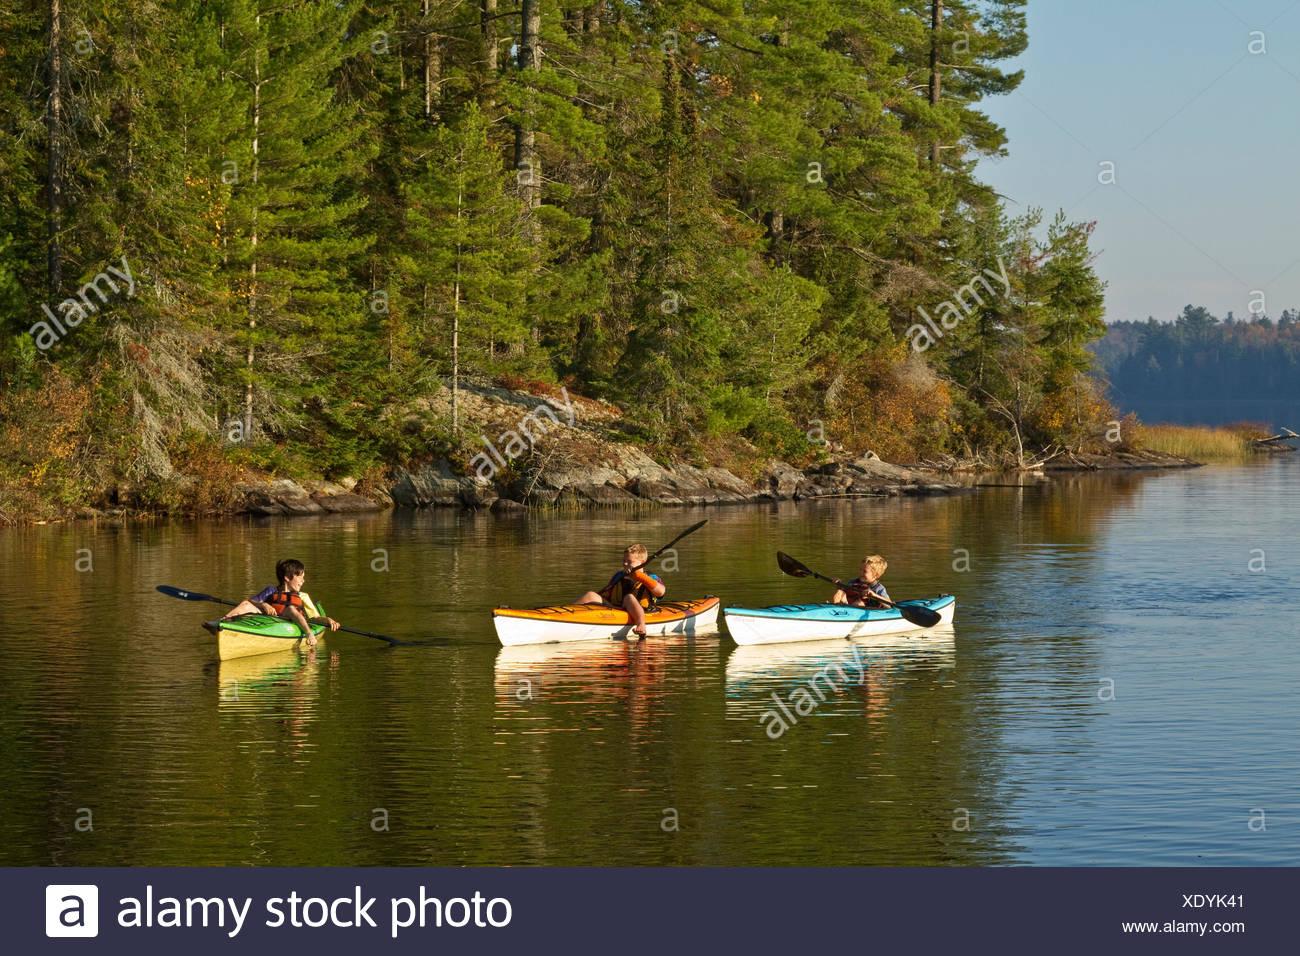 Tres jóvenes remar kayaks en el lago de origen, Algonquin Park ,en Ontario, Canadá. Imagen De Stock